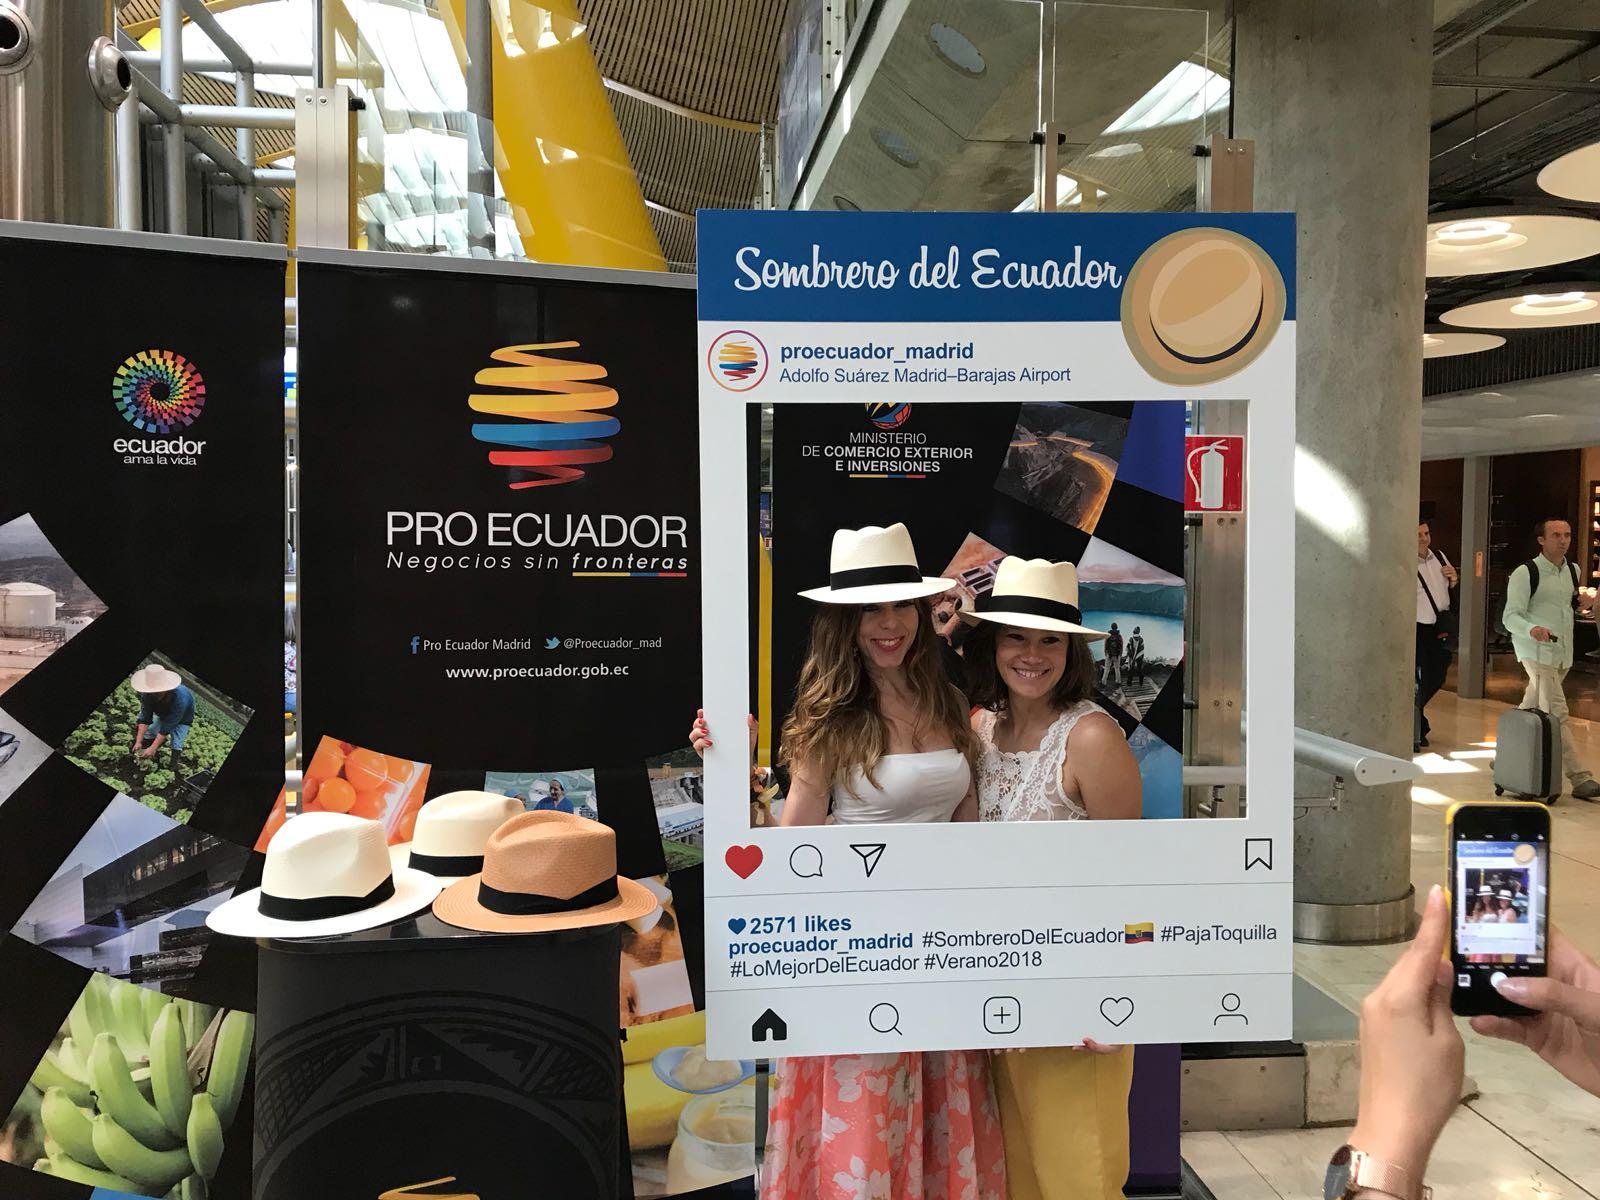 Con la finalidad de dar a conocer el verdadero origen del sombrero de paja  toquilla en la época veraniega de España y Europa 51acfce3cb6